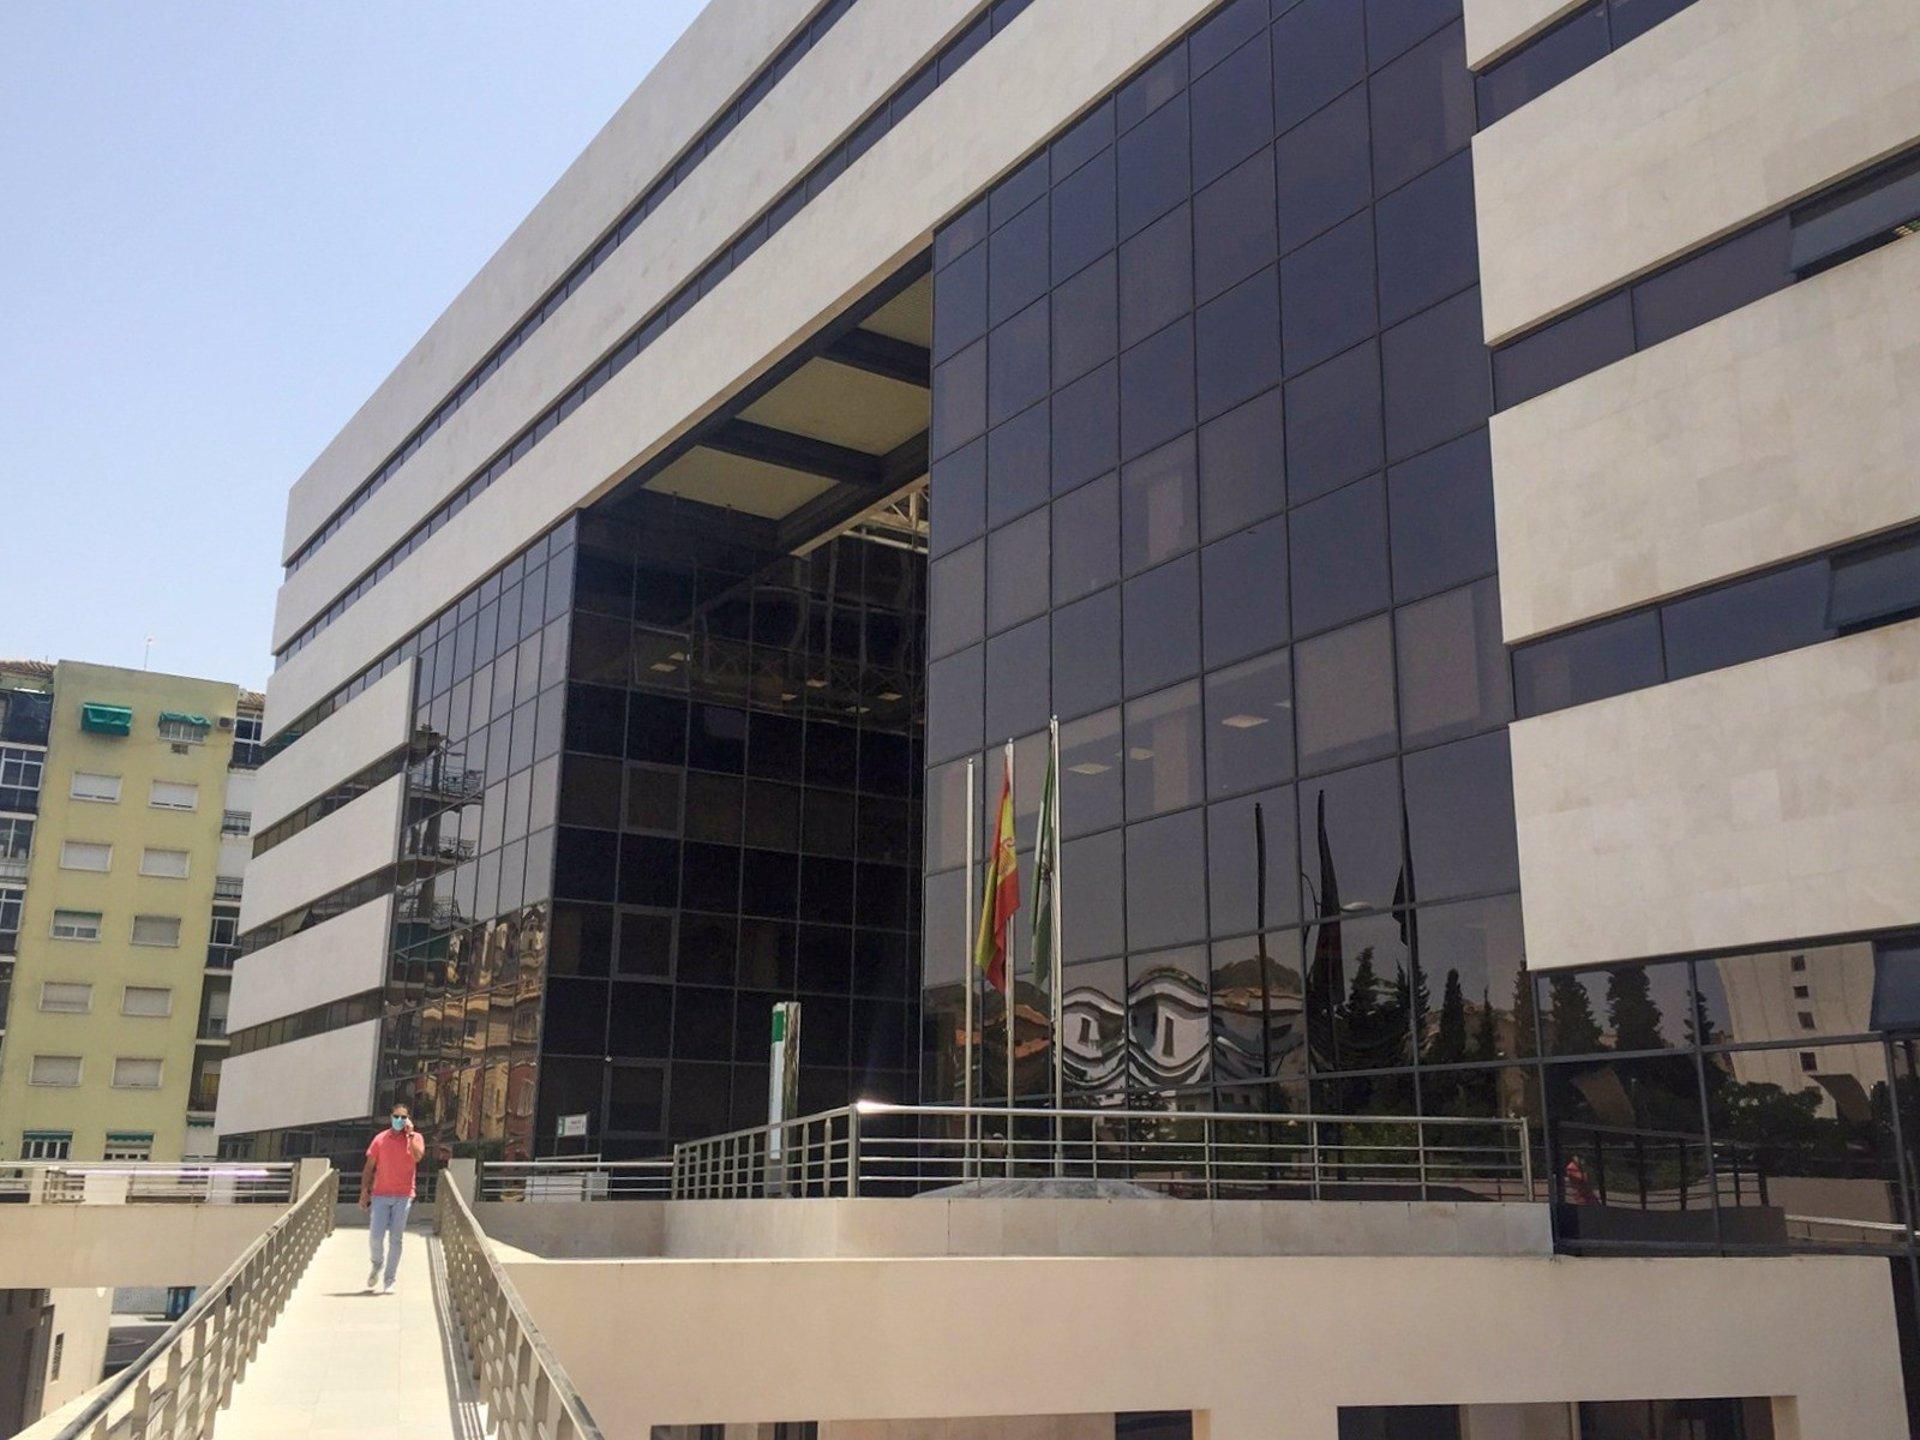 La Junta saca a licitación la reforma de las tres últimas plantas del edificio judicial Caleta